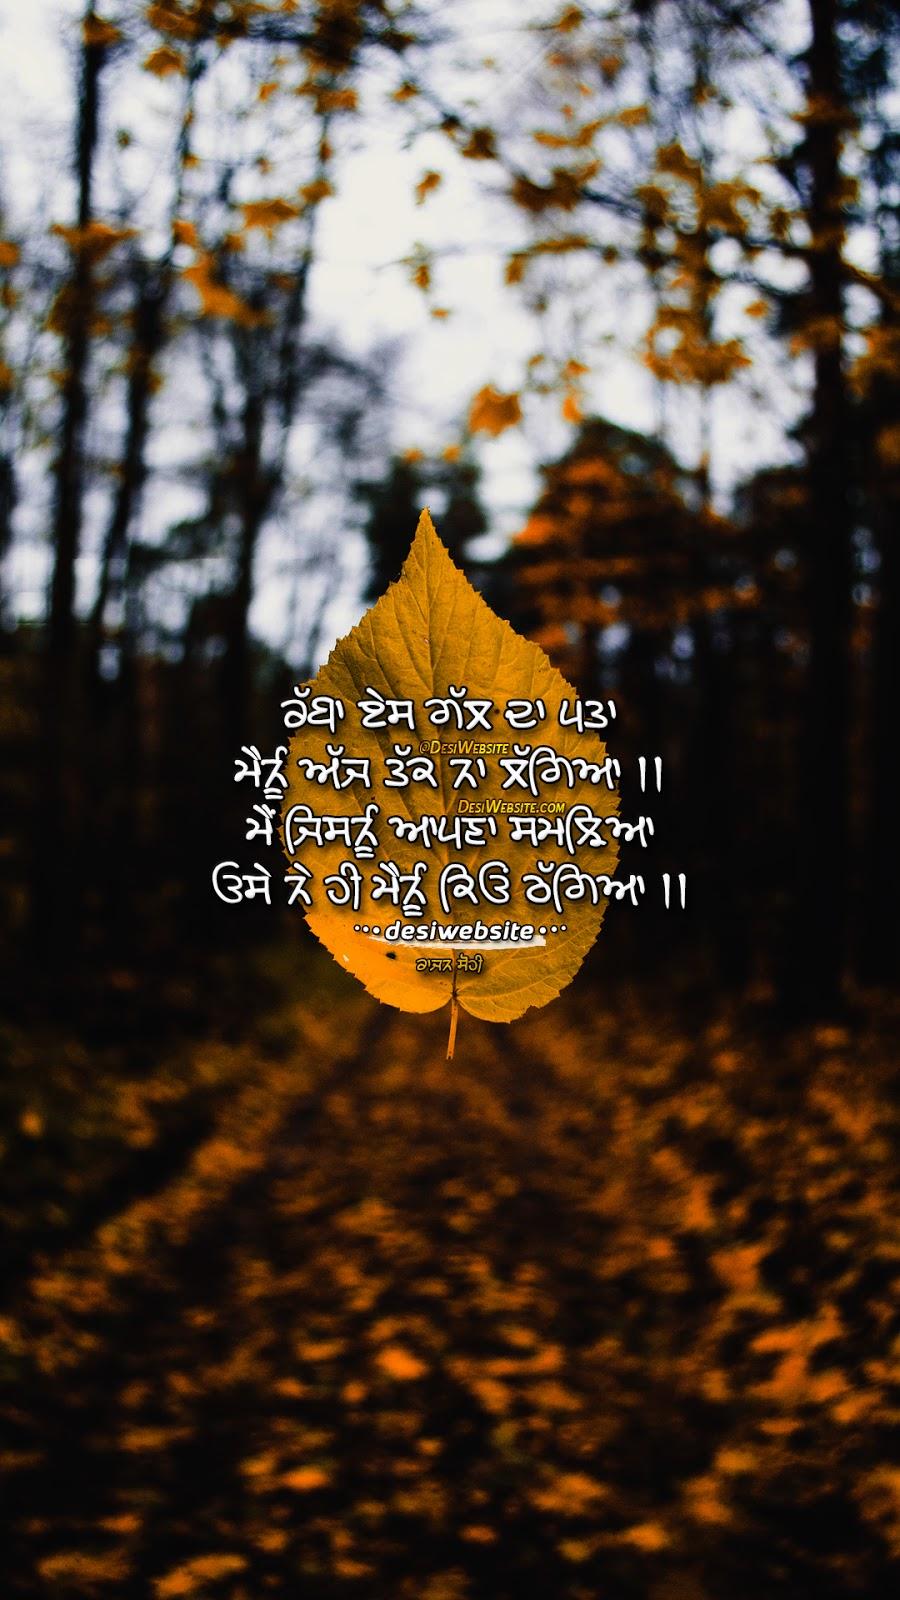 Rabba Es Gal Da Pta Menu Ajj Tak Na Lageya, Main Jisnu Aapna Samjhya Ose Ne Hi Menu Kion Thagya - sad shayari punjabi